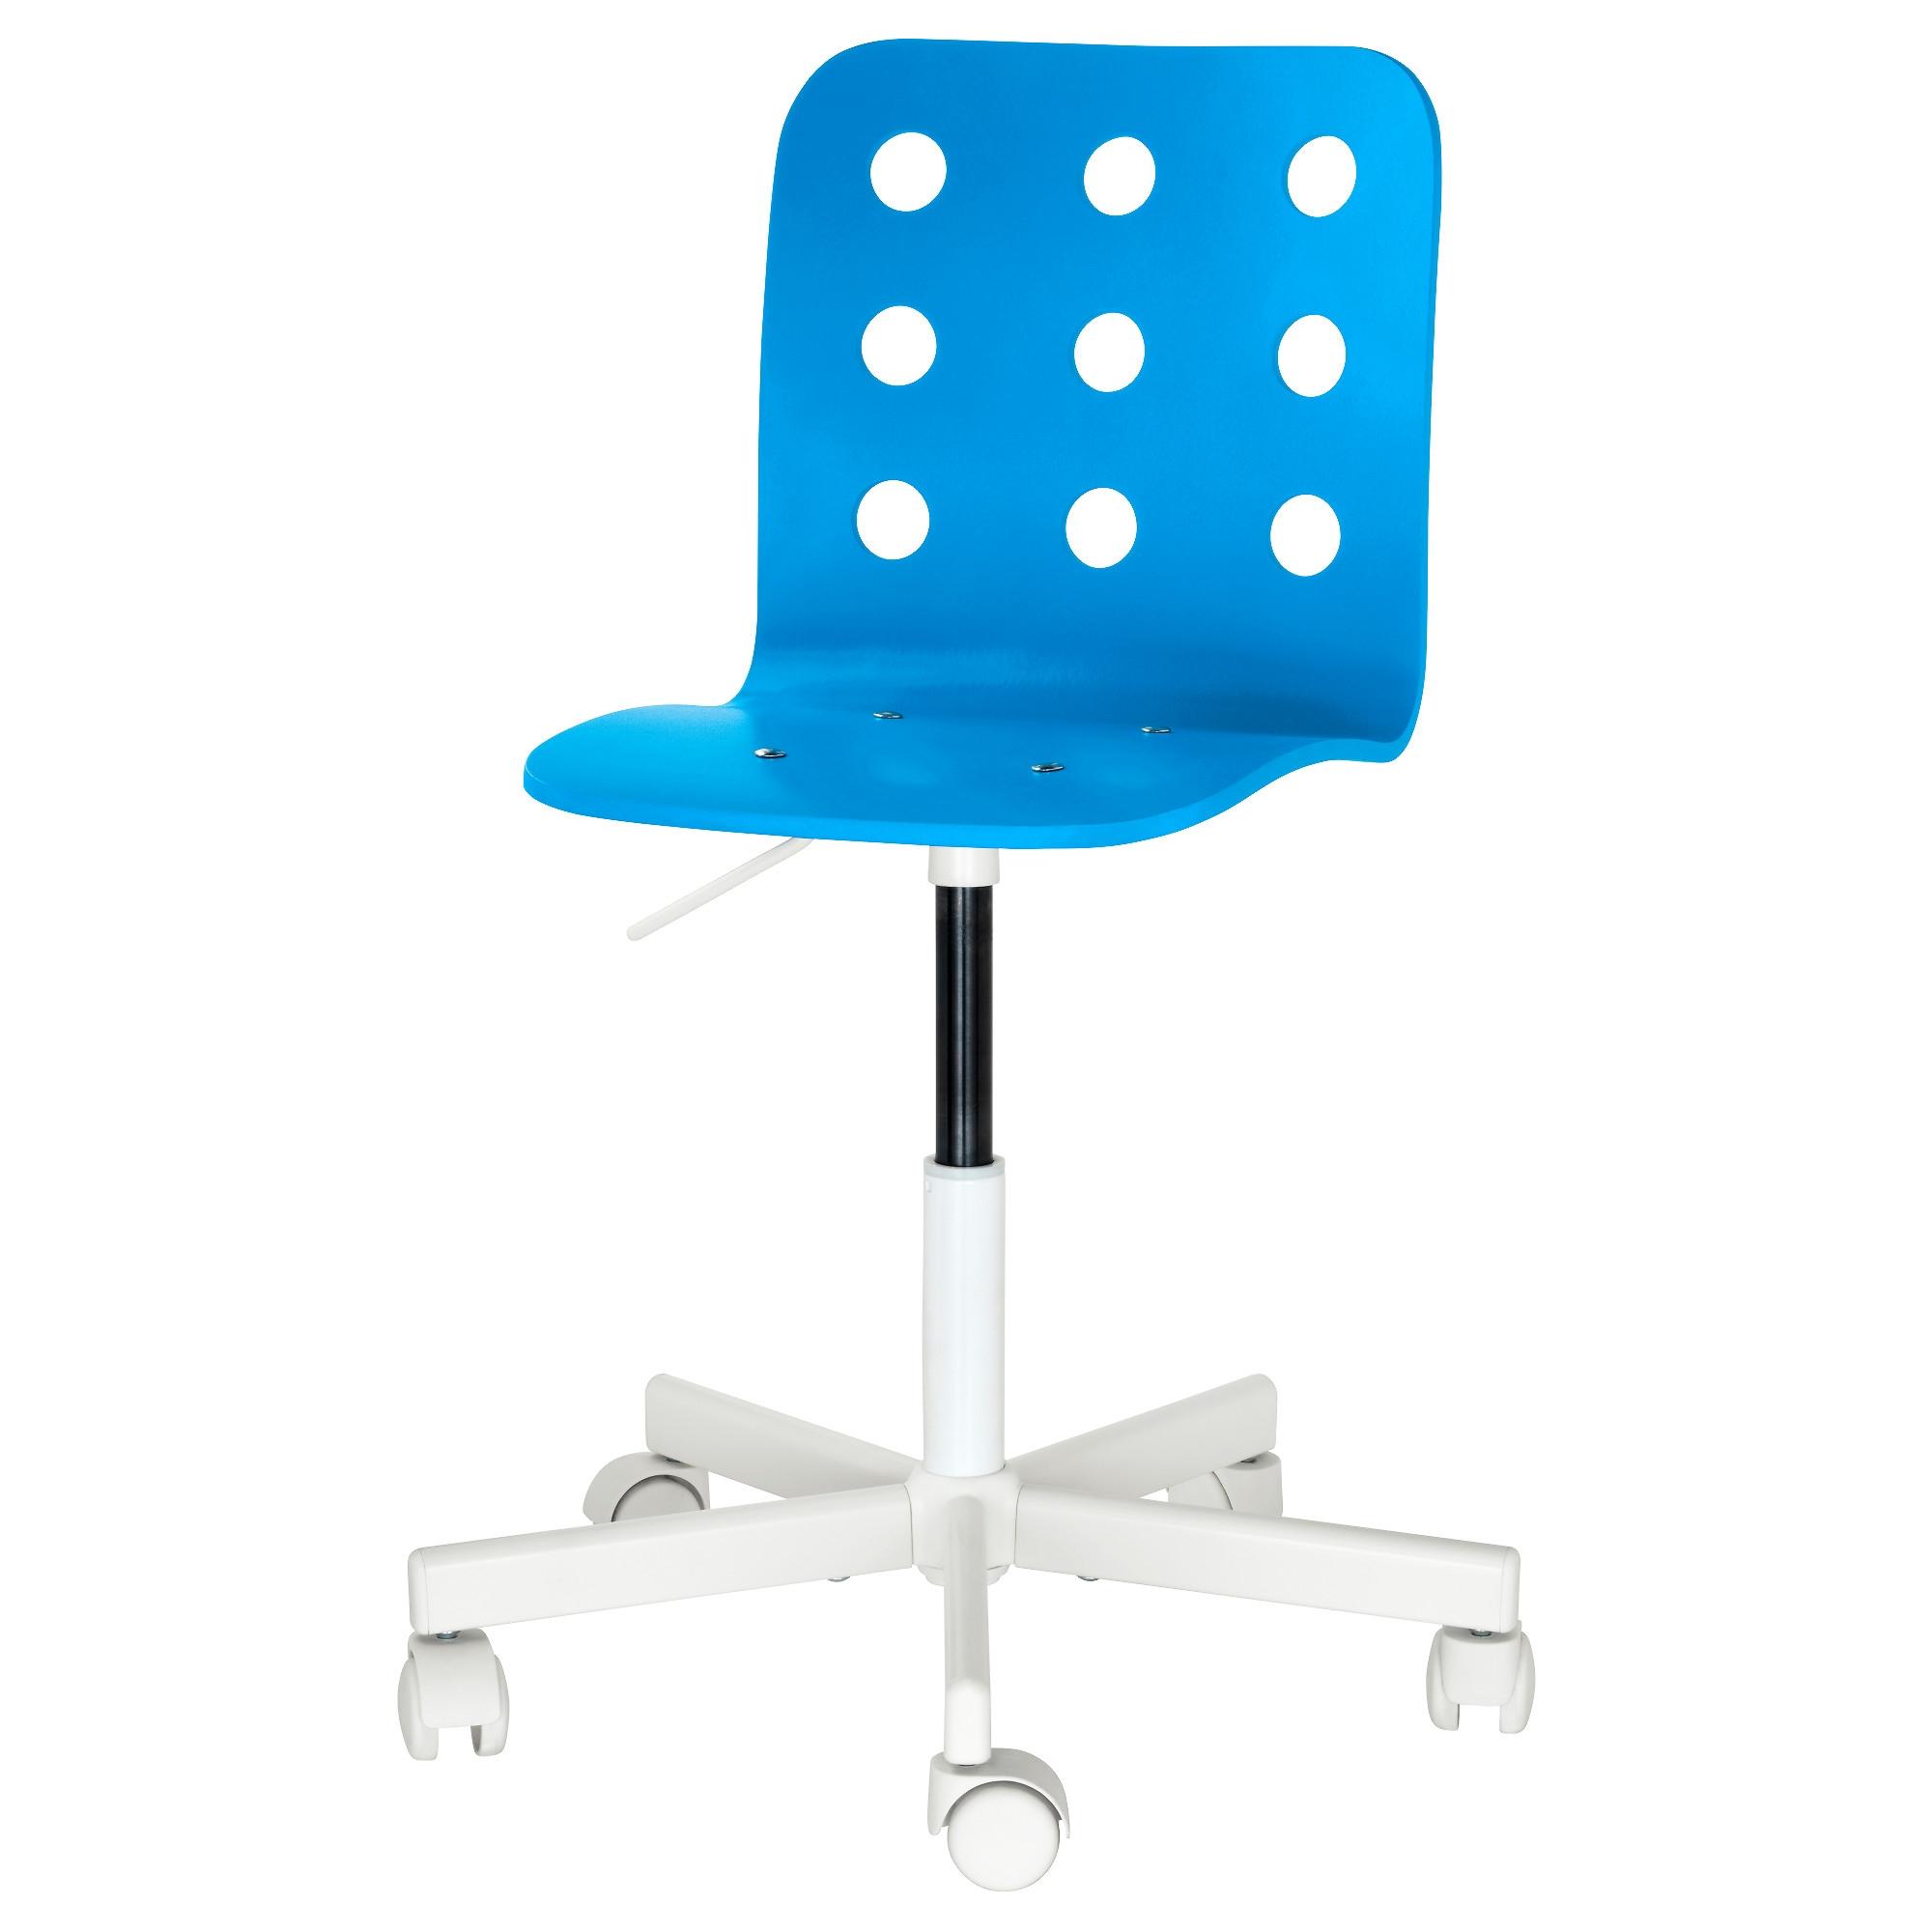 JULES silla de escritorio para niños